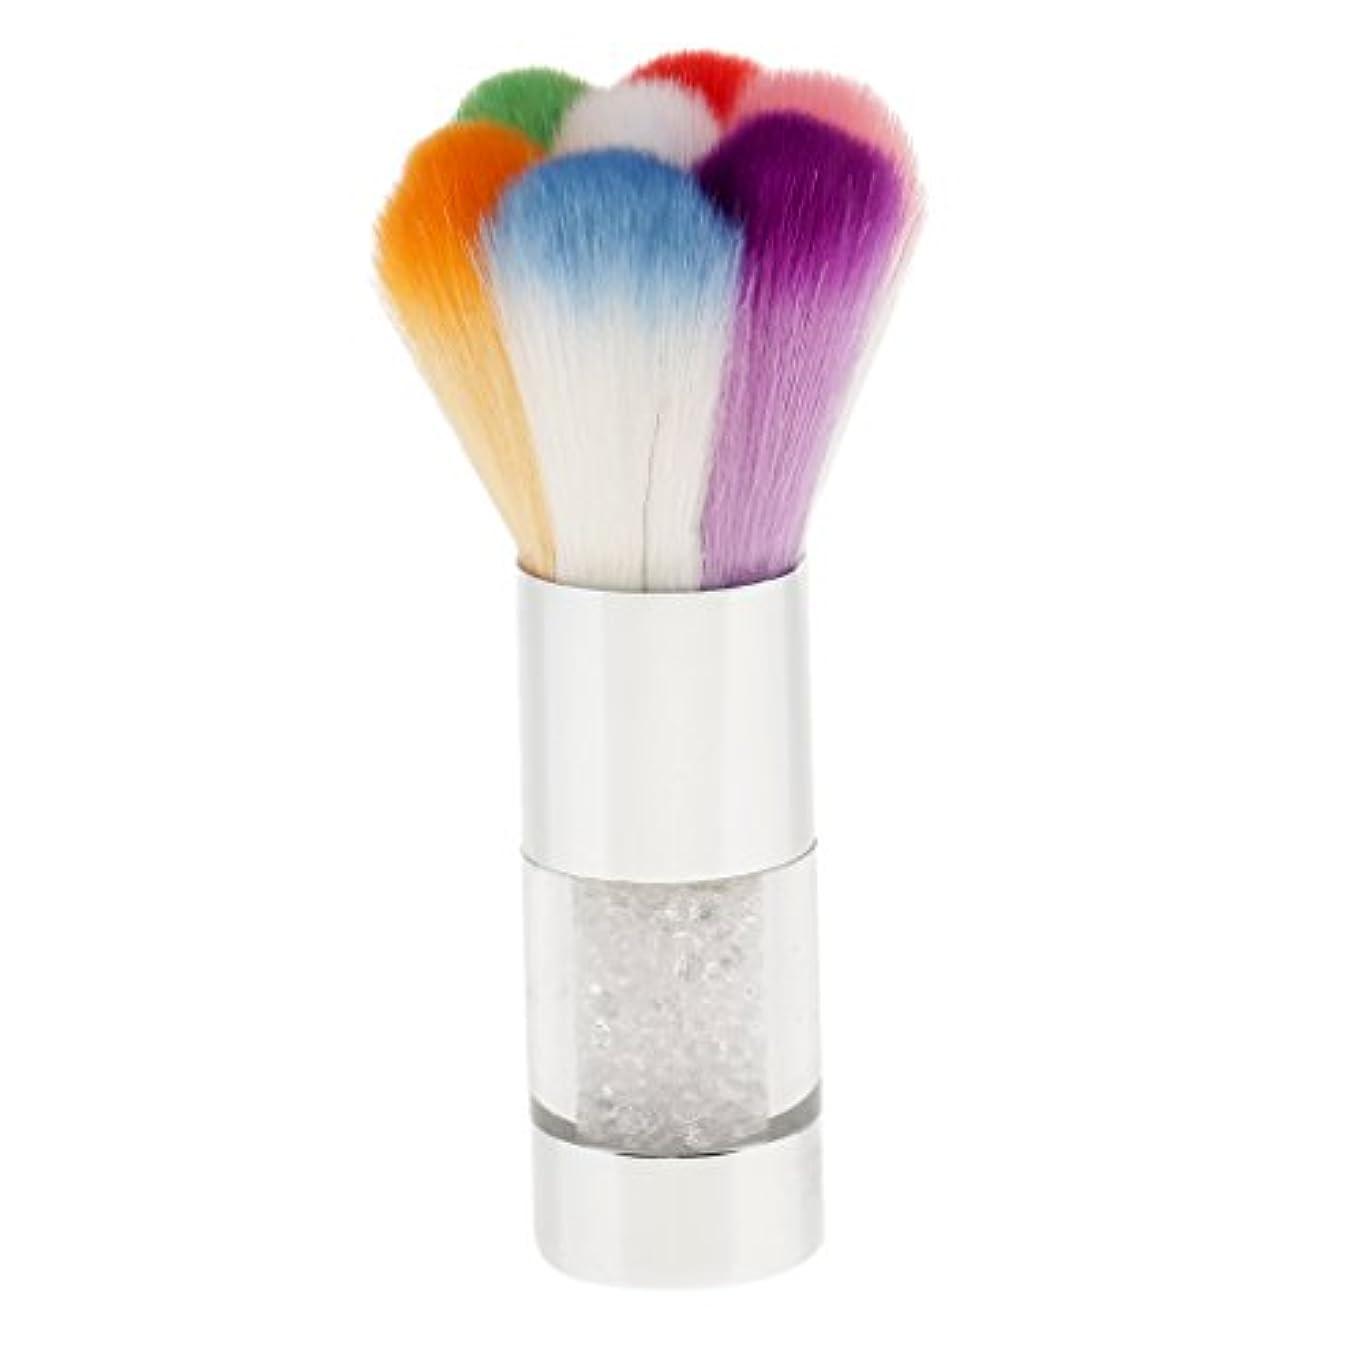 Kesoto ネイルダストクリーンブラシ ふわふわ カラフルなネイルアートブラシ ダストクリーナー 洗浄 UVゲル パウムリムーバー